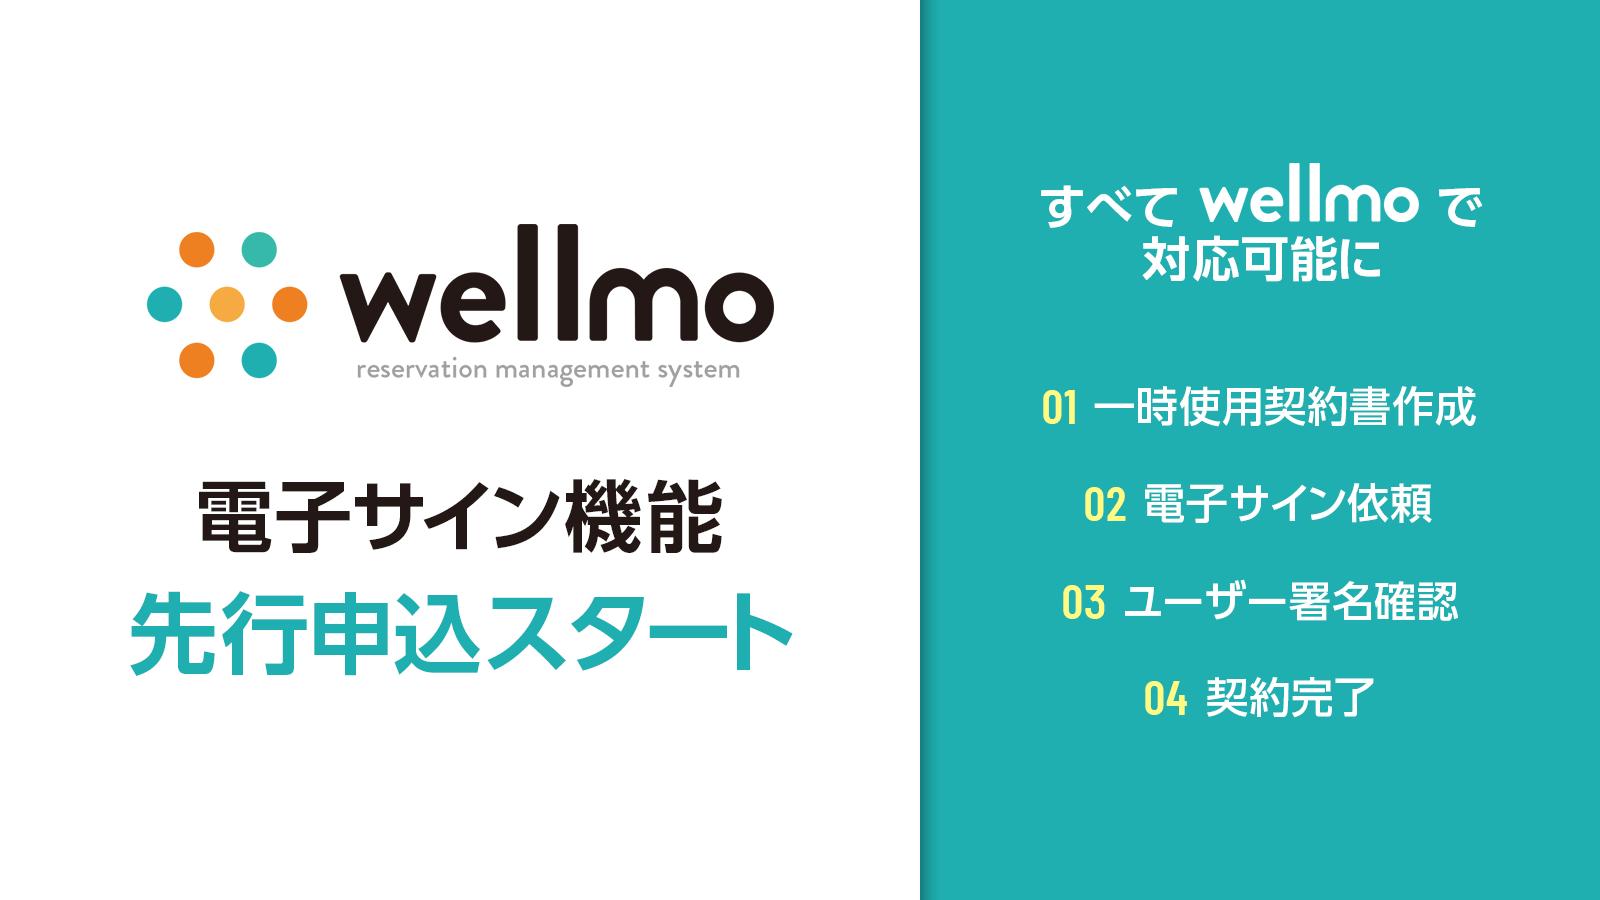 【PR】利用申込 先行受付スタート!wellmo『電子サイン』機能 9月13日(月)リリース